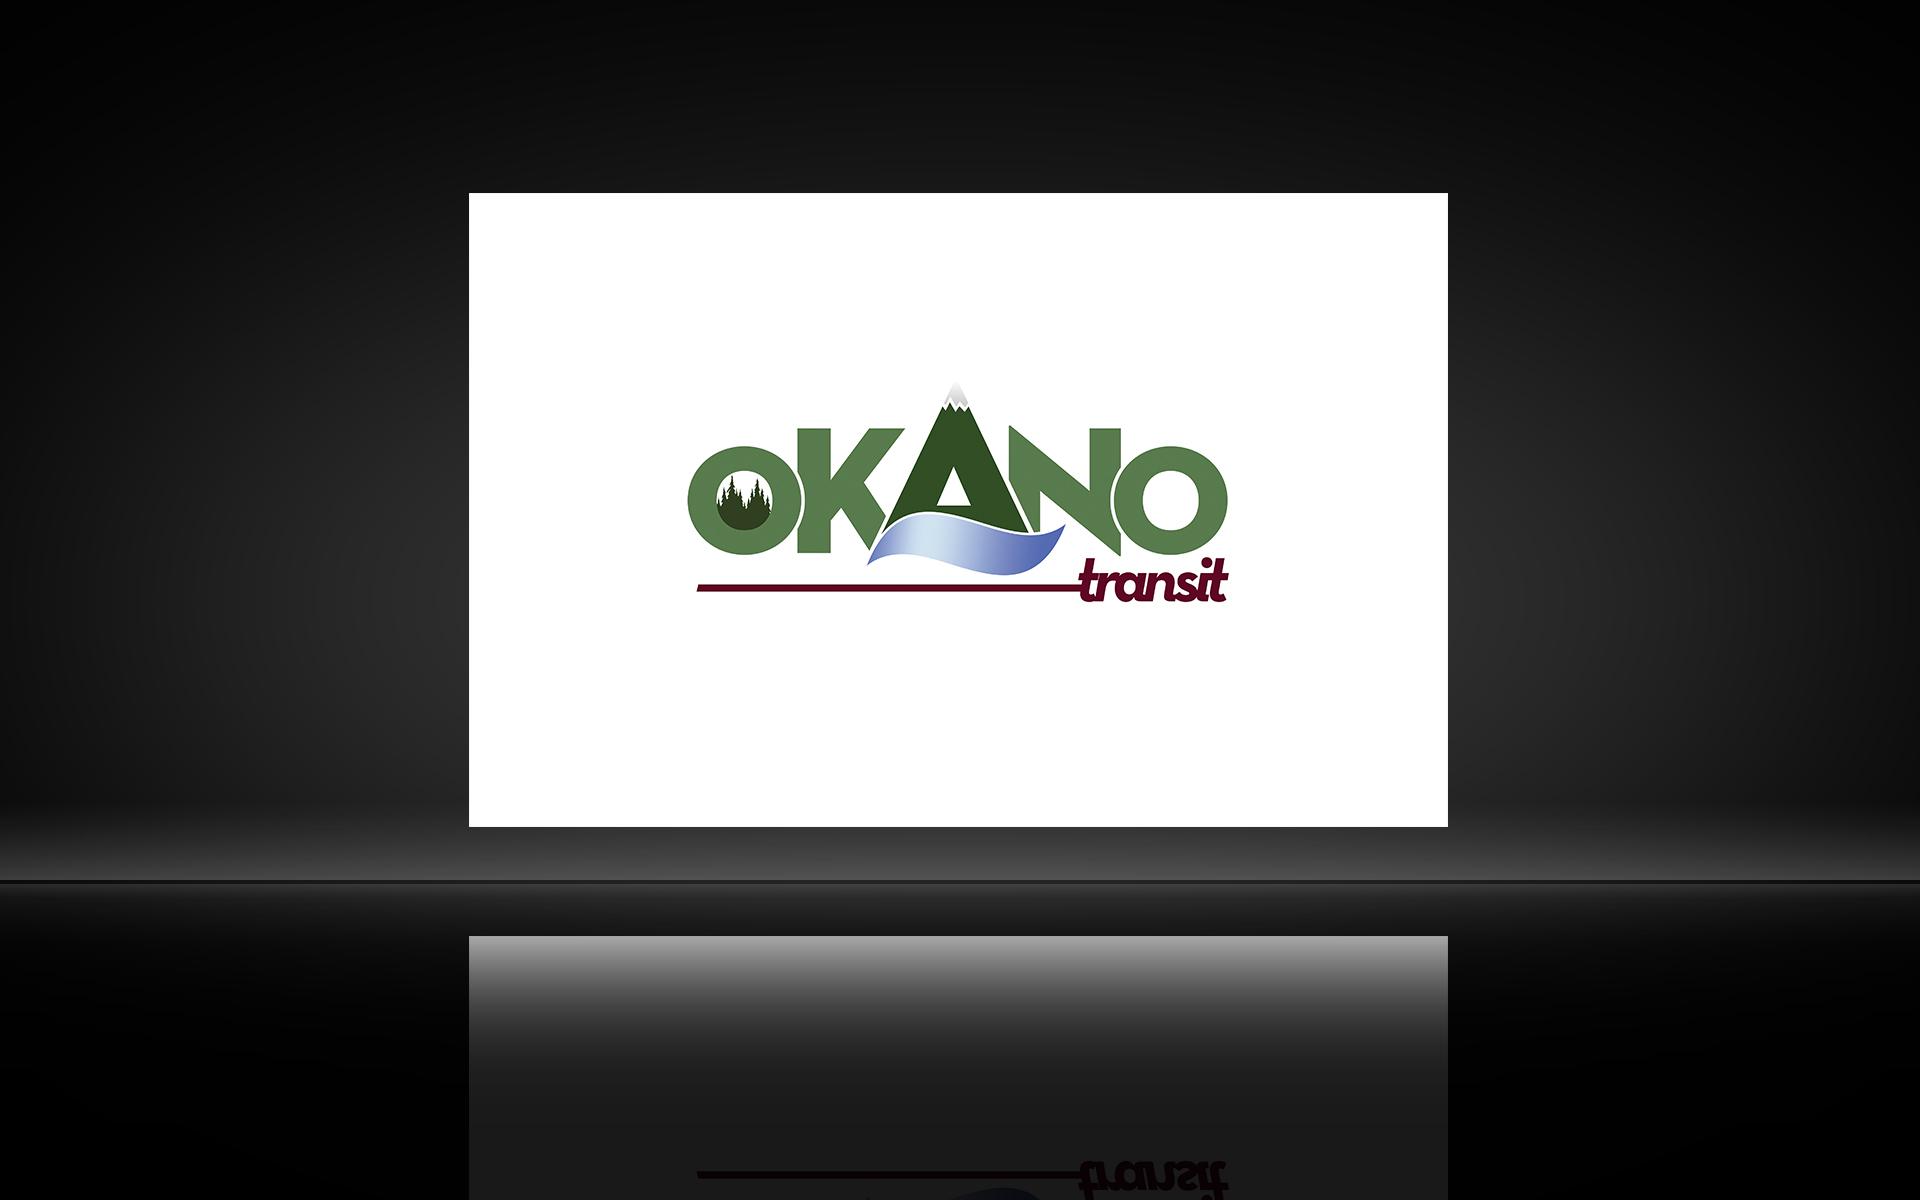 Okanogan Transit Authority - Okano Transit